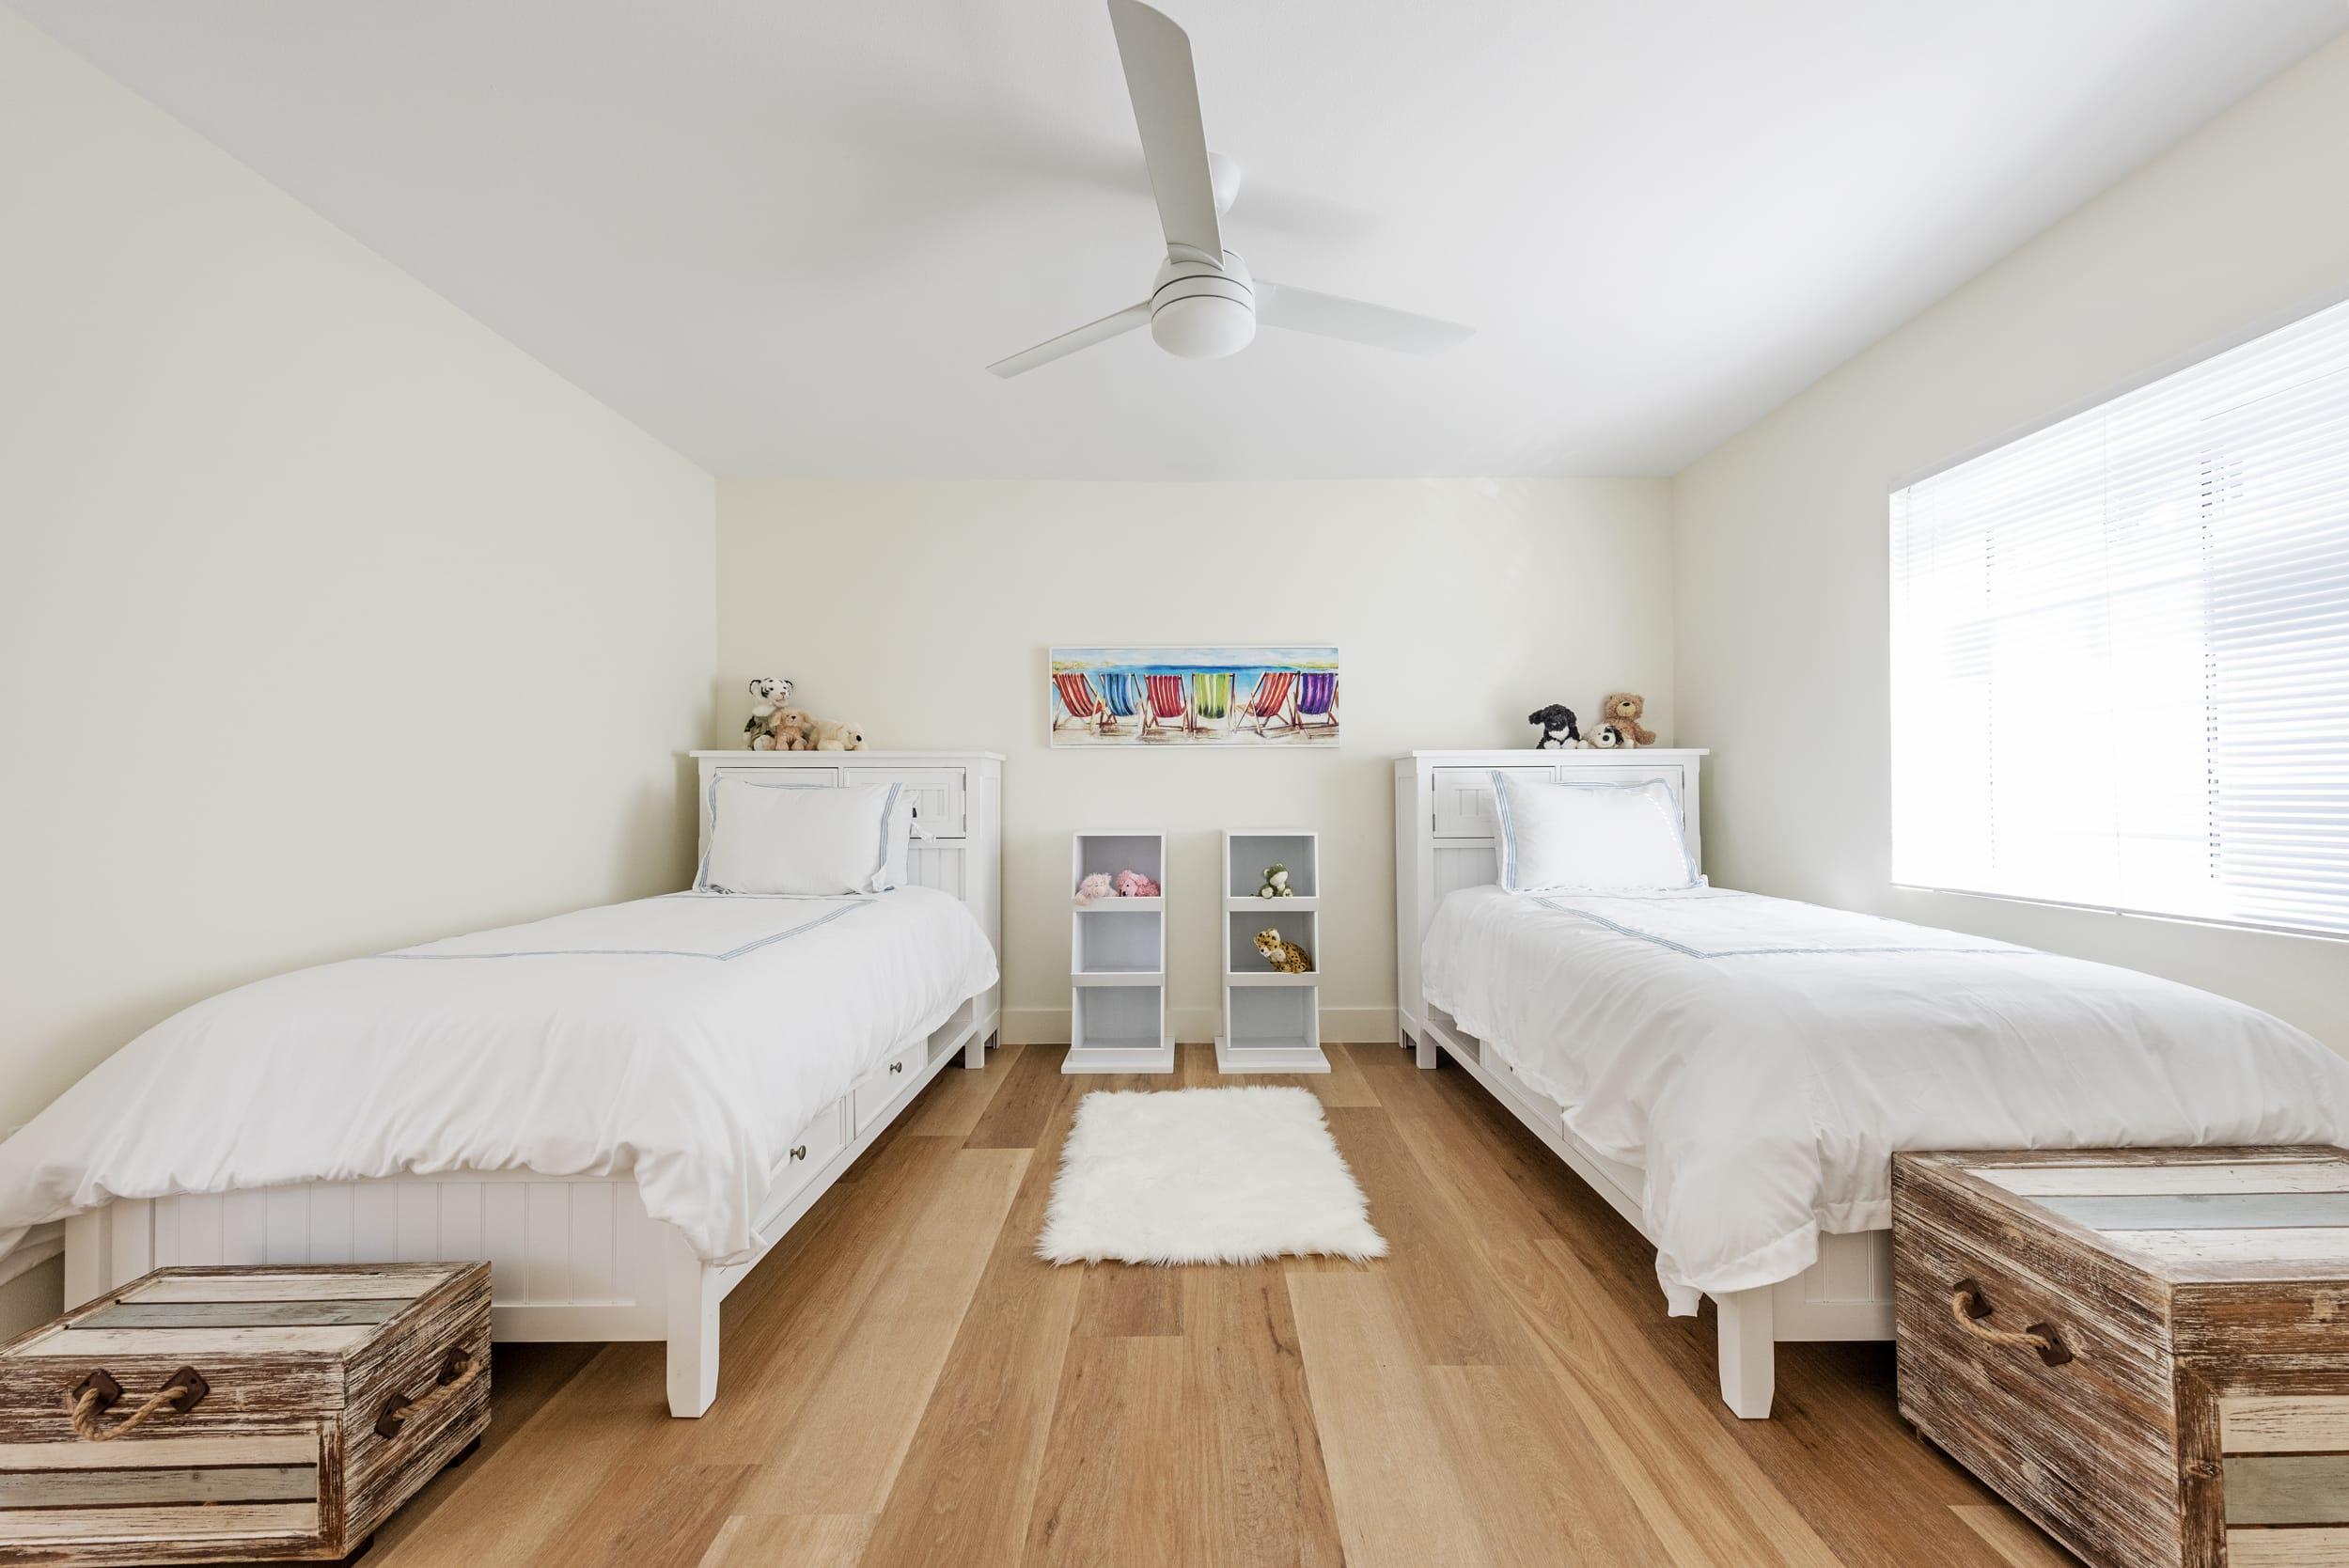 Children's Bedroom White Bed Sheets Fluffy Carpet